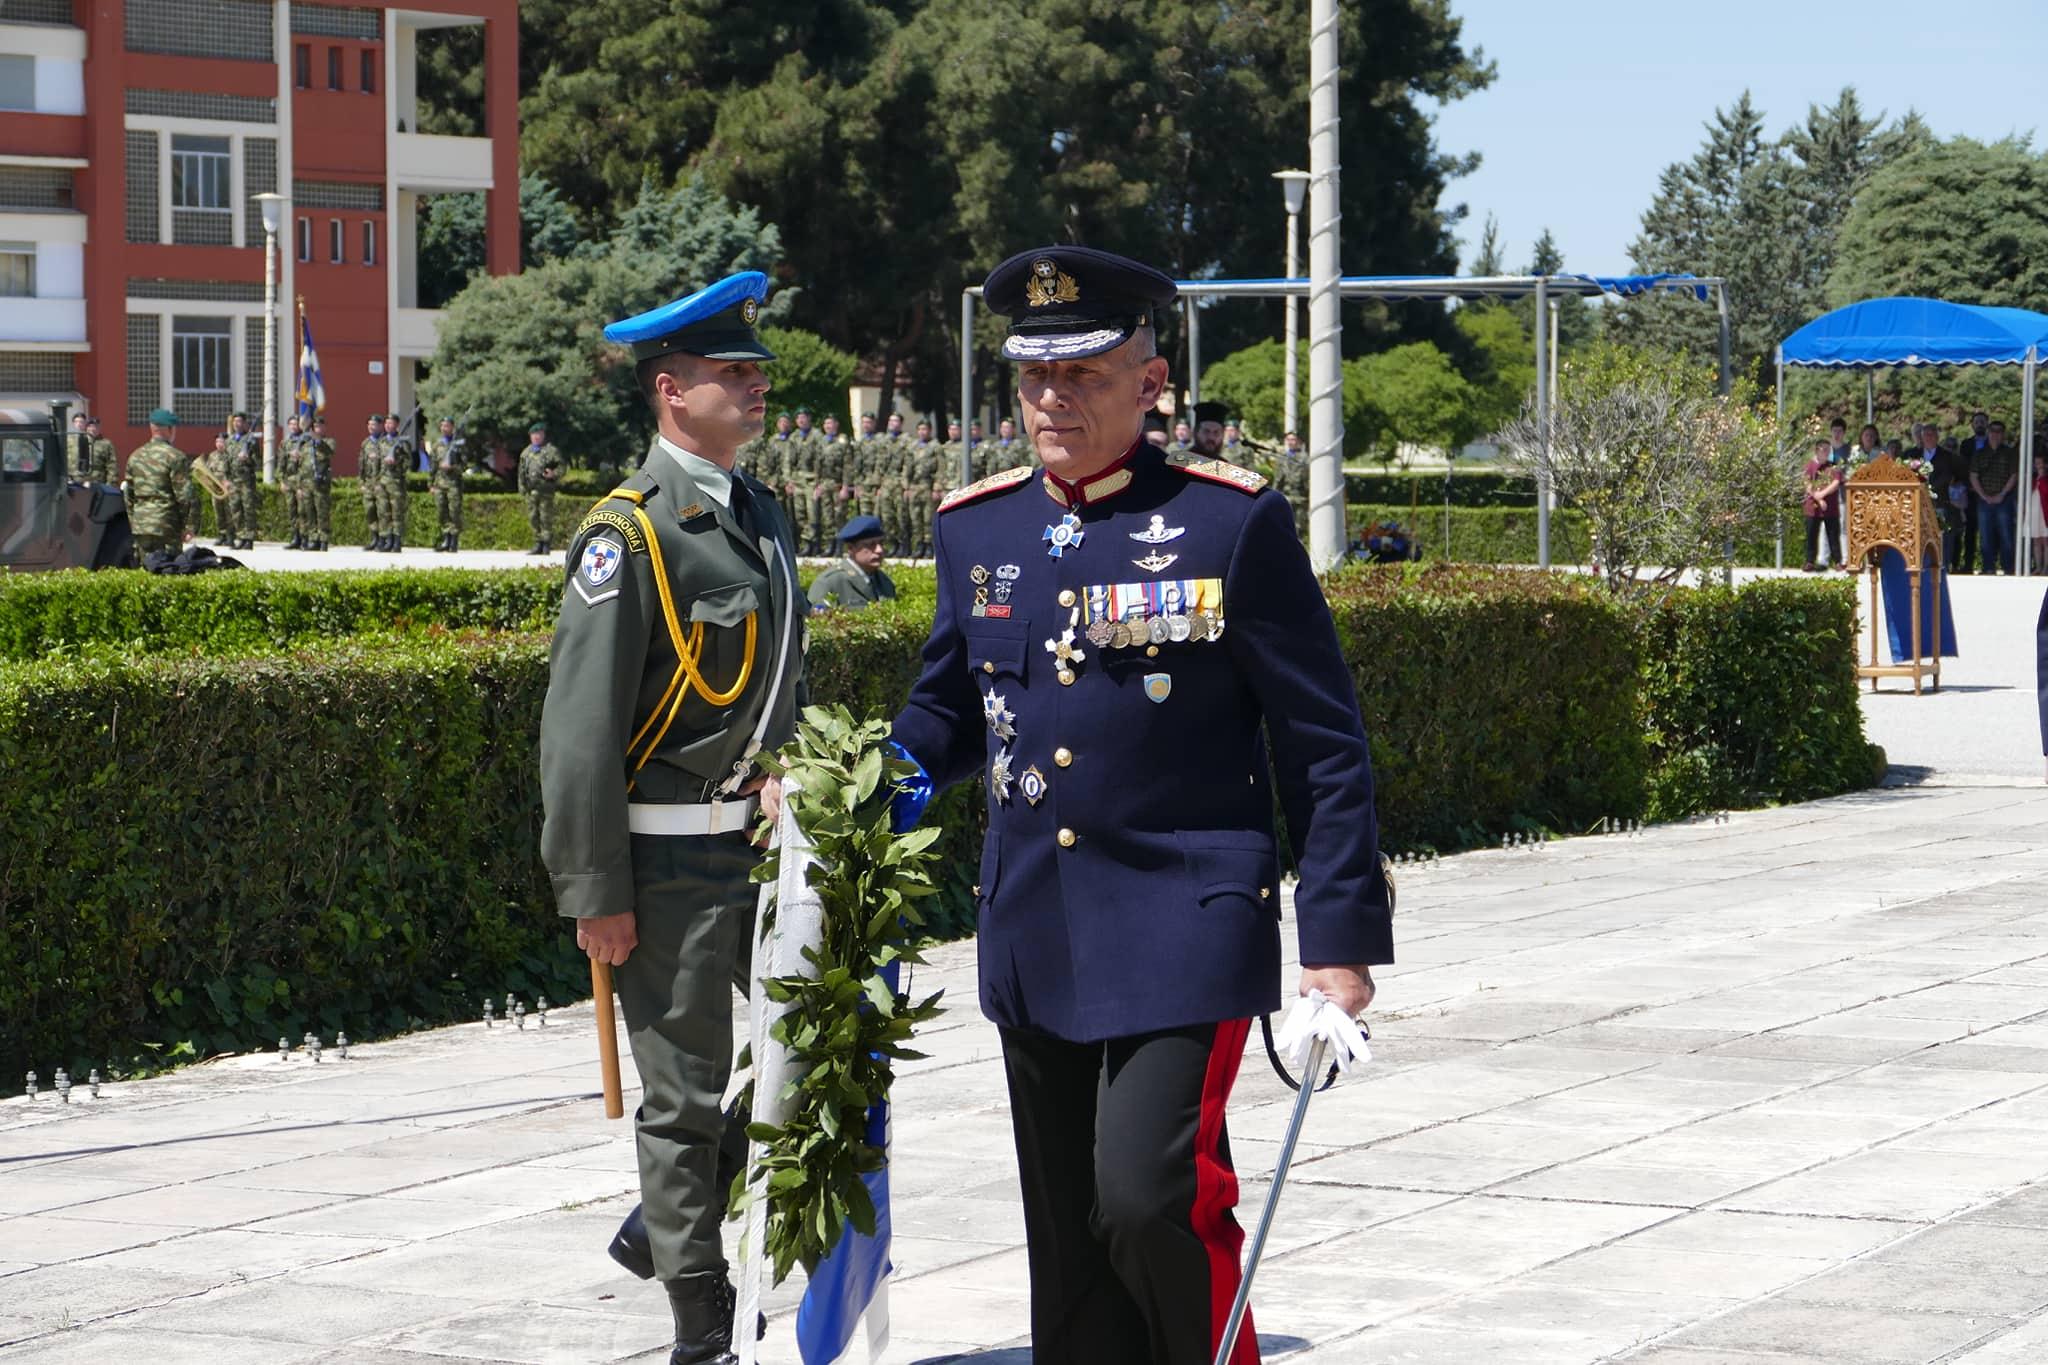 Λάρισα: Η 1η Στρατιά τίμησε τον Άγιο Γεώργιο VIDEO - ΦΩΤΟ